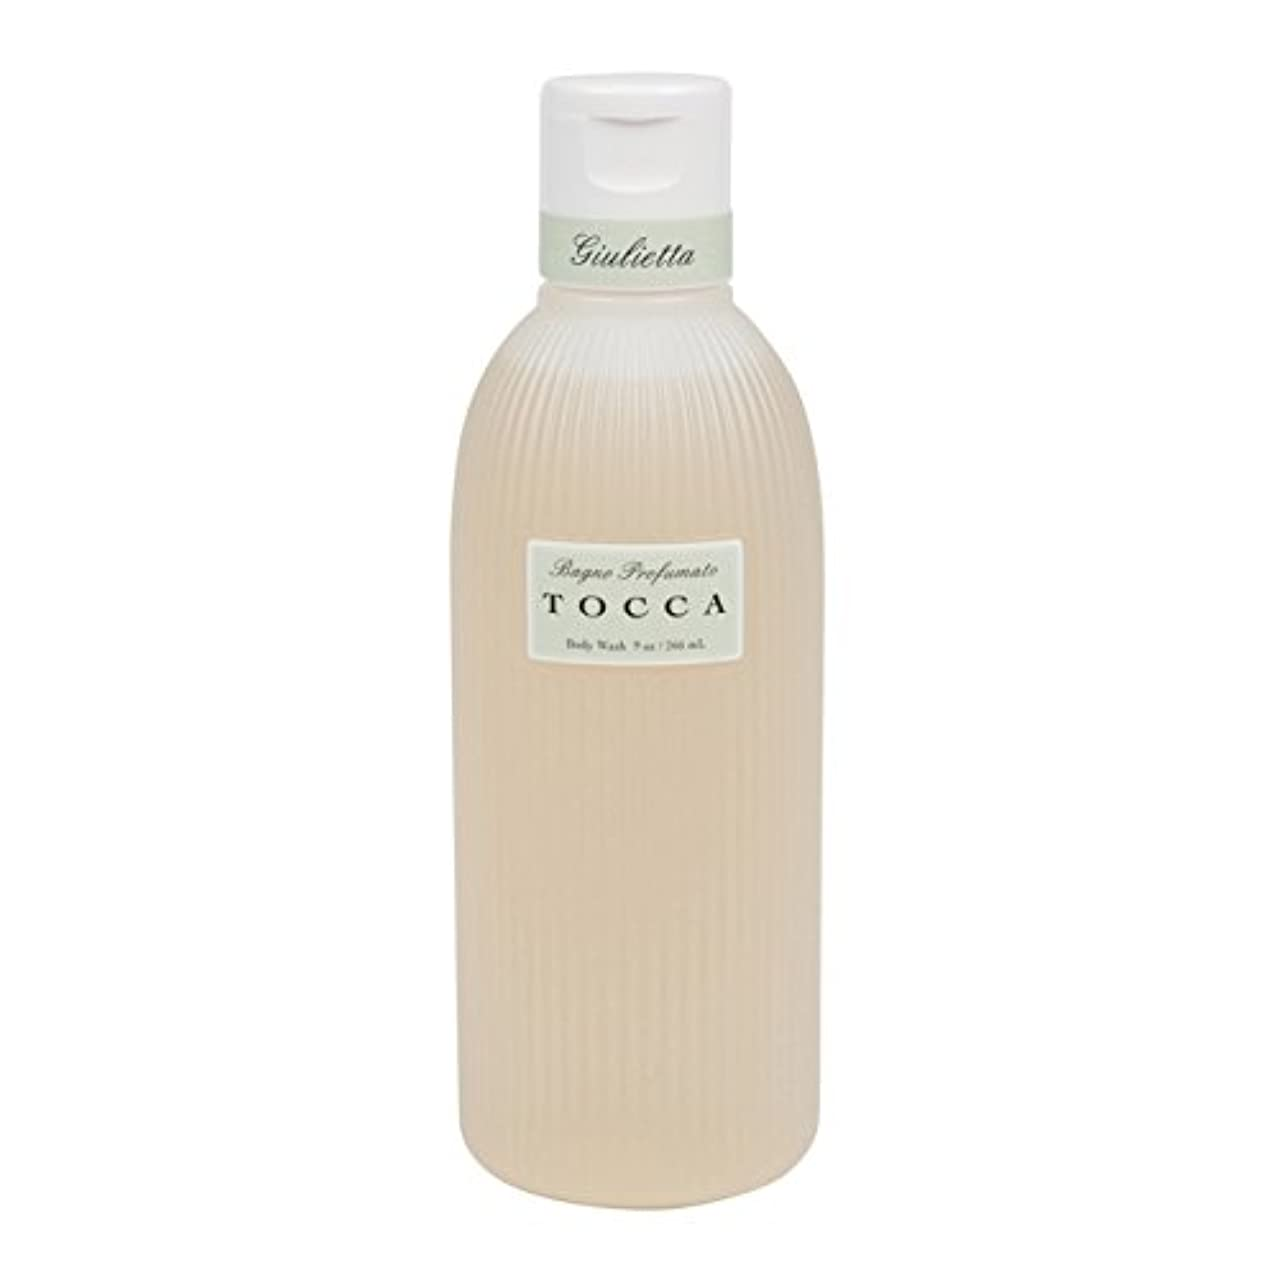 才能注ぎます強いますトッカ(TOCCA) ボディーケアウォッシュ ジュリエッタの香り  266ml(全身用洗浄料 ボディーソープ ピンクチューリップとグリーンアップルの爽やかで甘い香り)